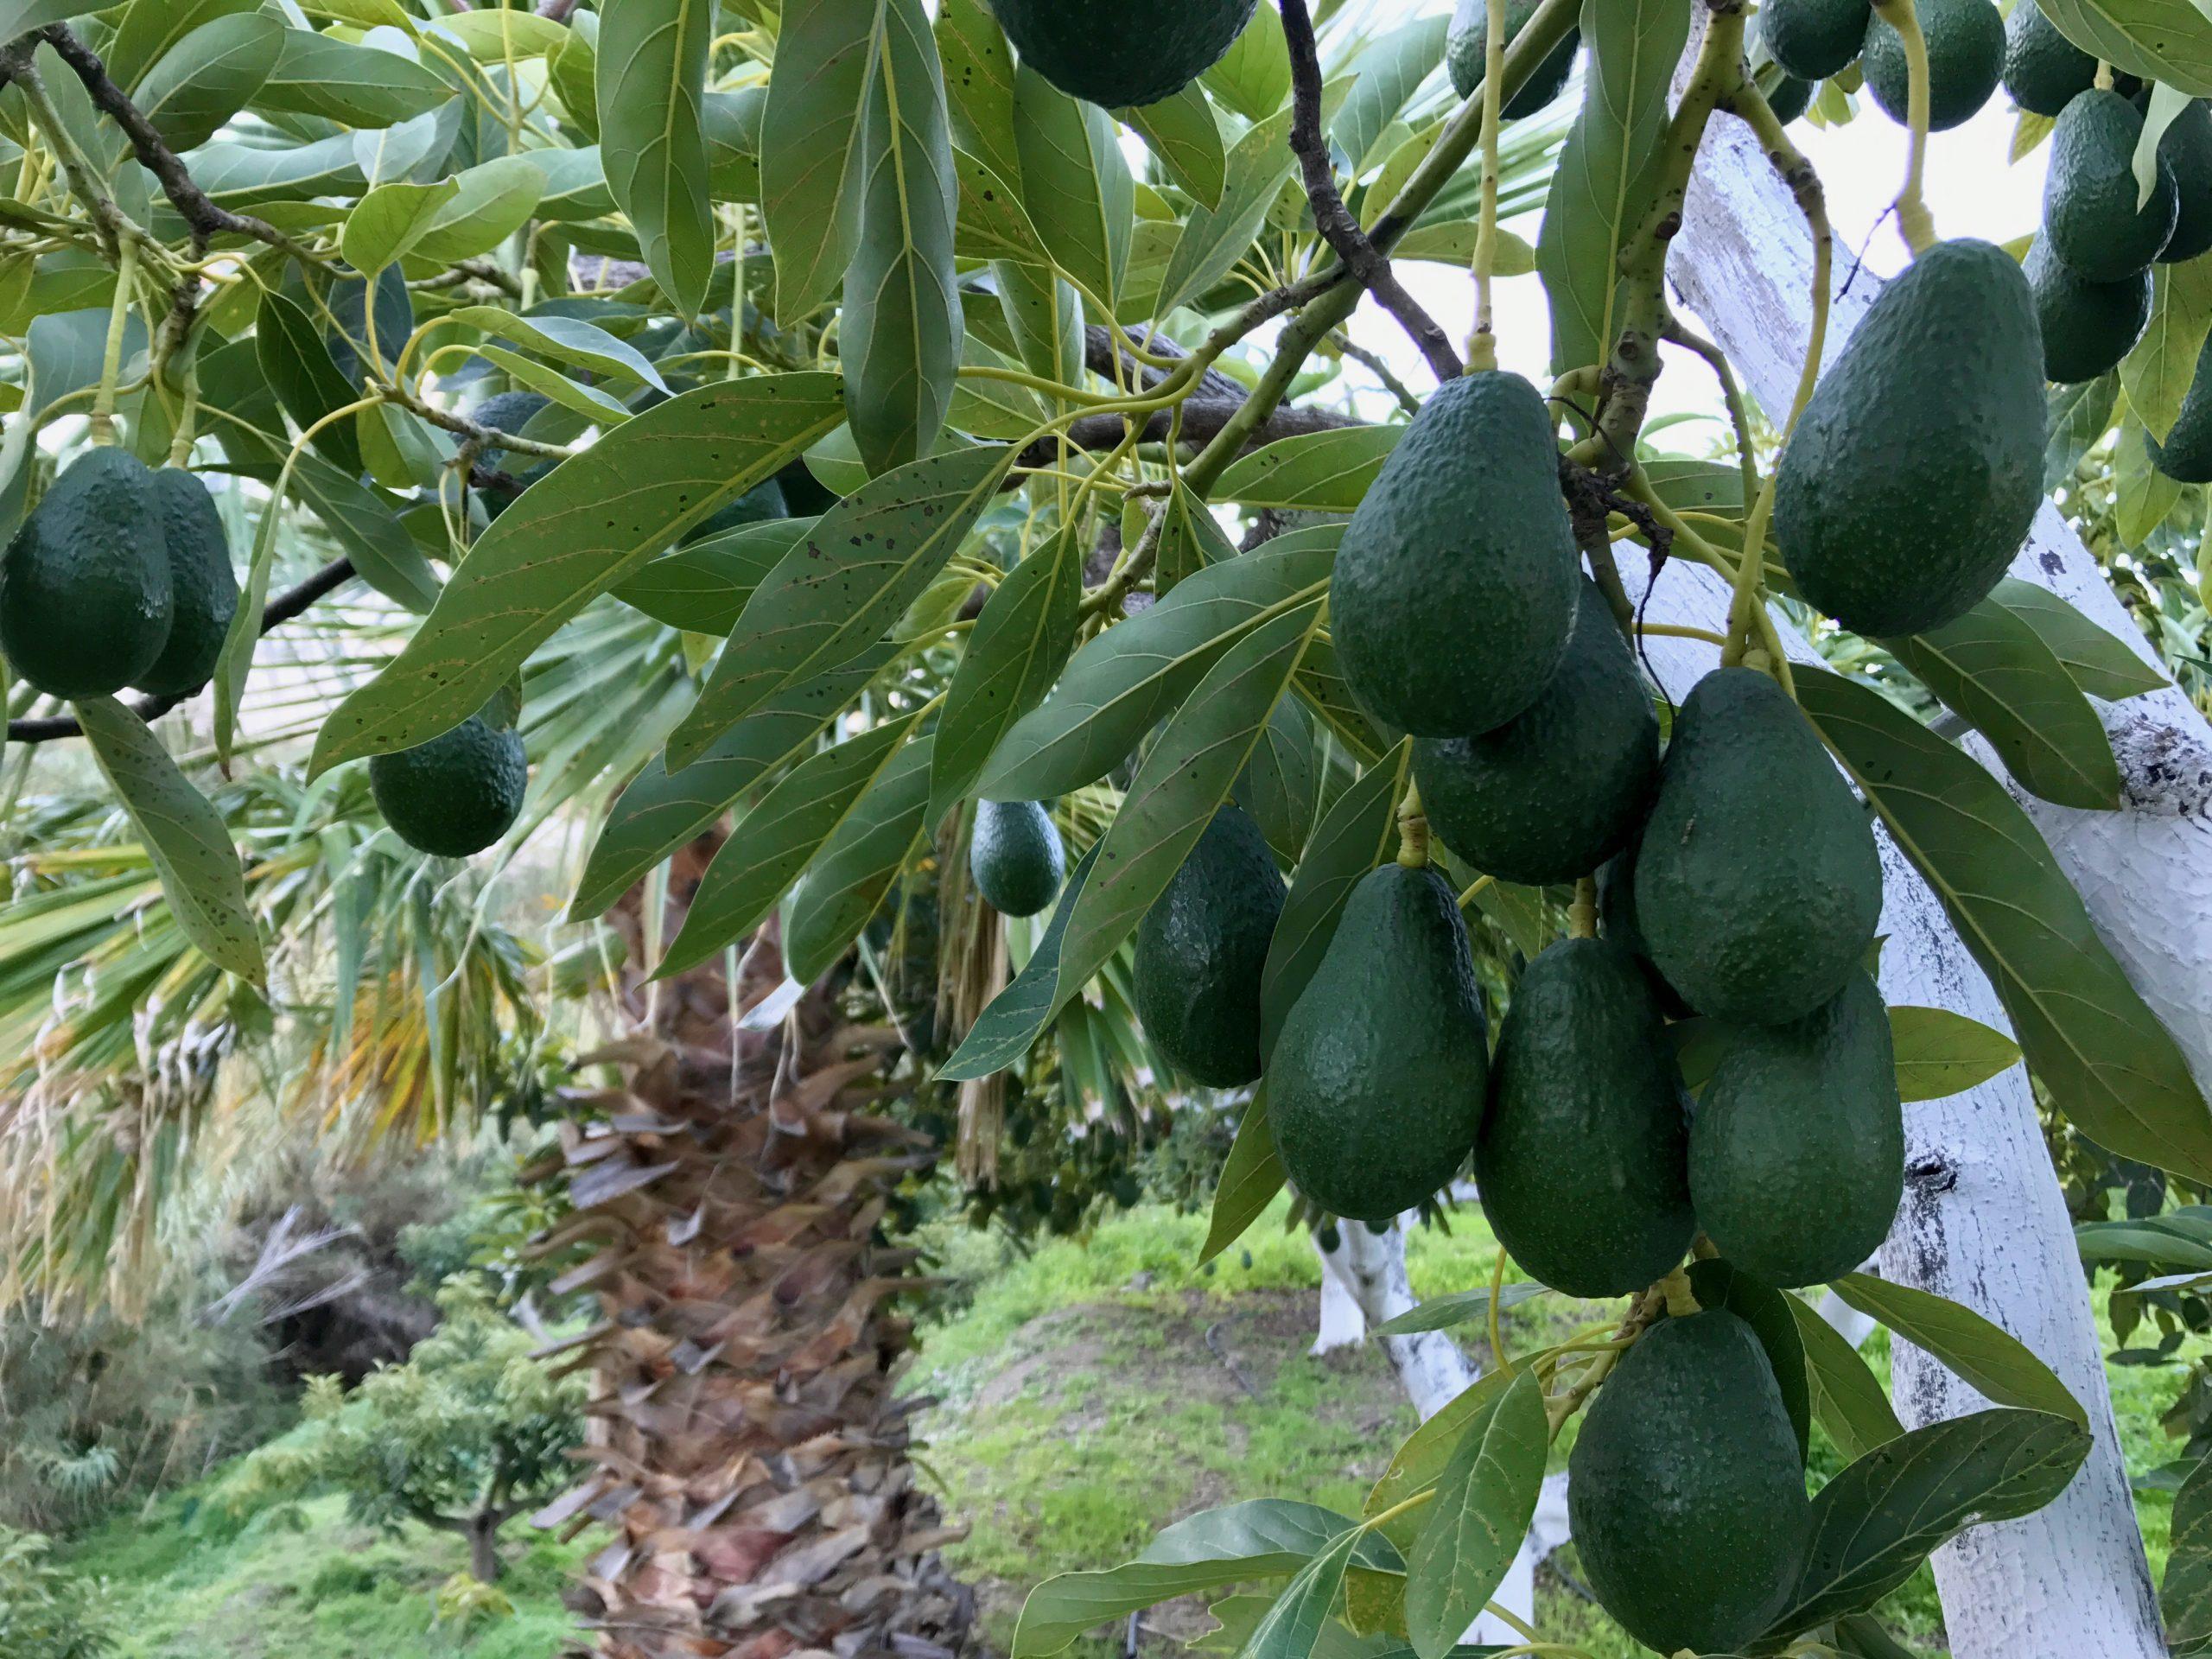 Avocados am Baum